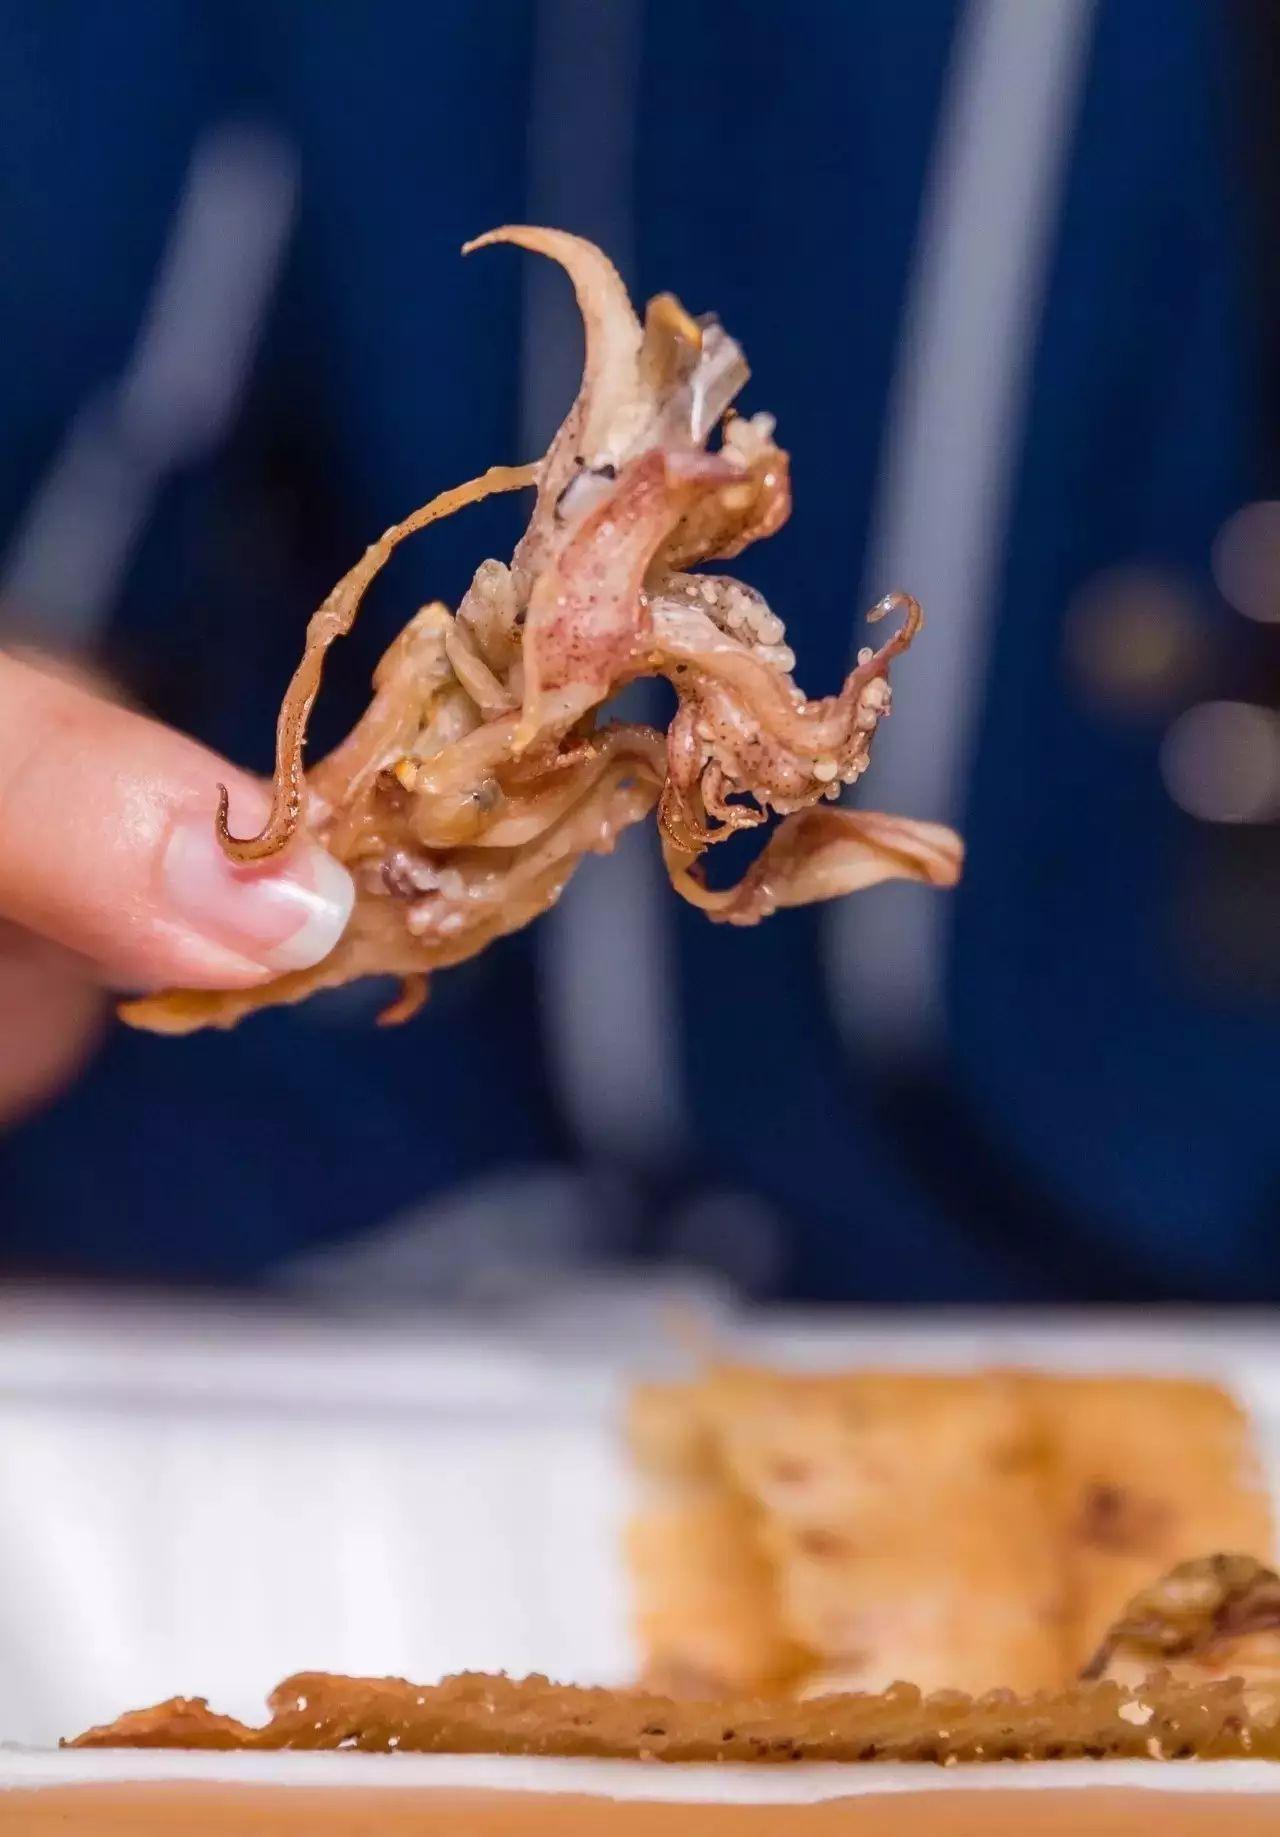 只为留住这份味道,广州阿伯30年来只做一道碳烤鱿鱼干